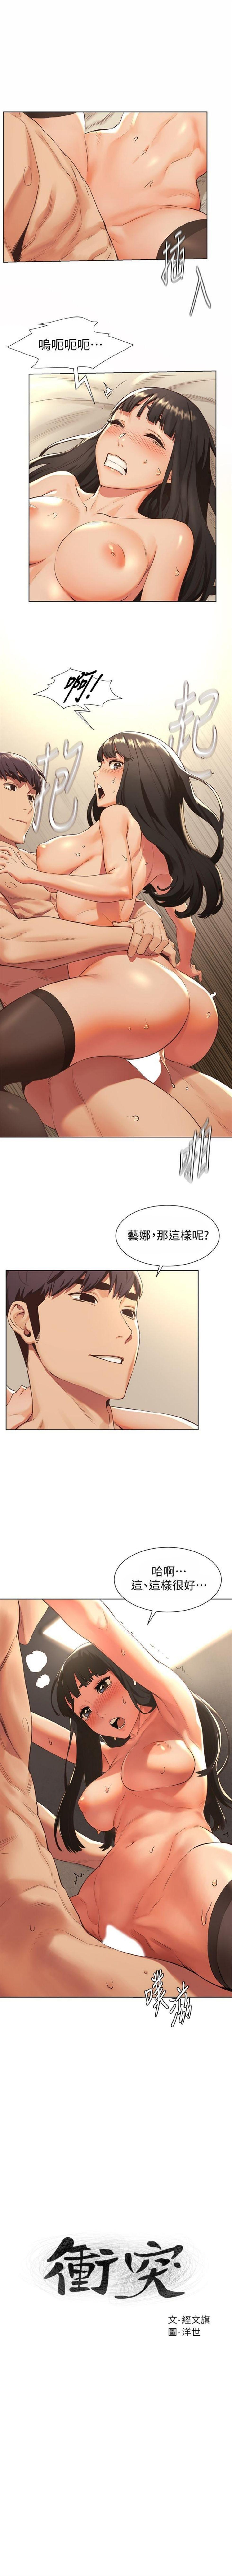 衝突 1-100官方中文(連載中) 528